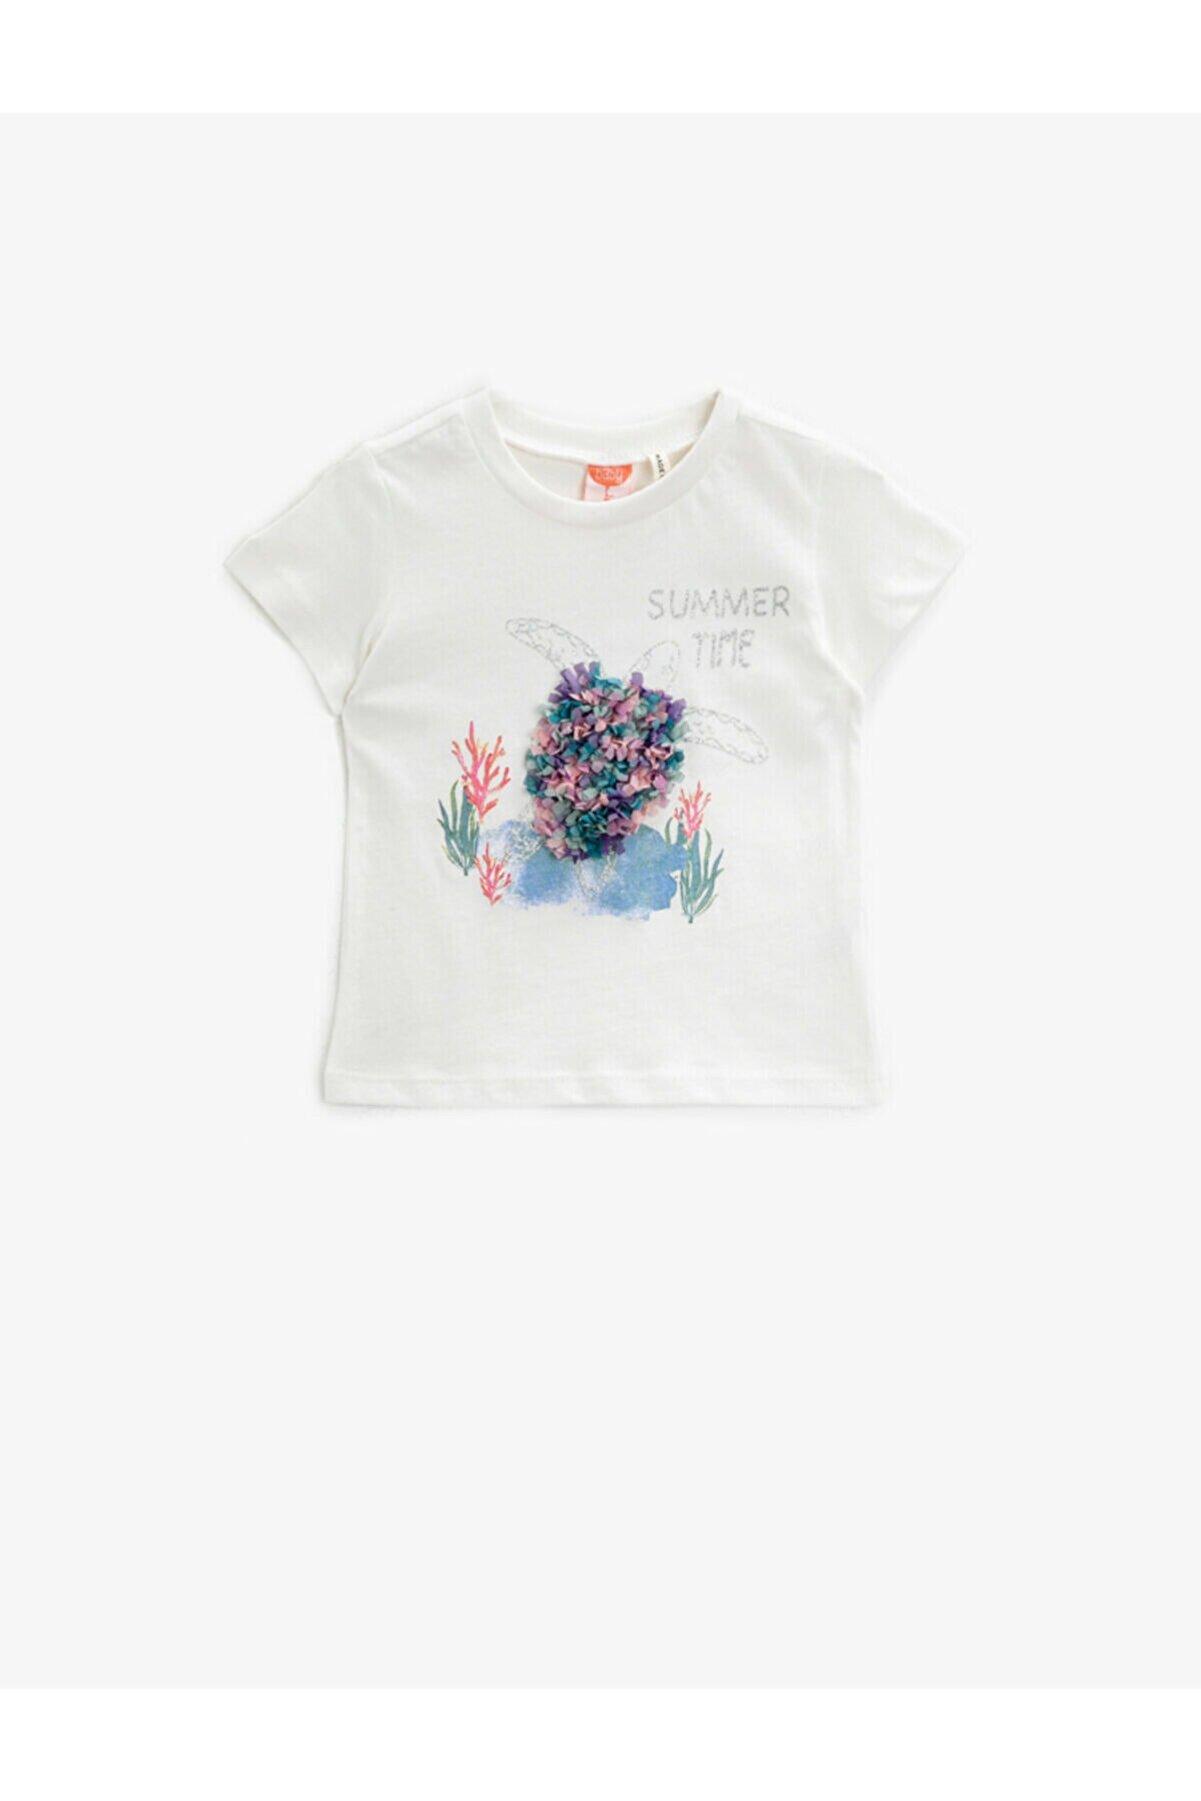 Koton Kız Bebek Ekru Kısa Kollu Simli Baskılı Pamuklu T-Shirt